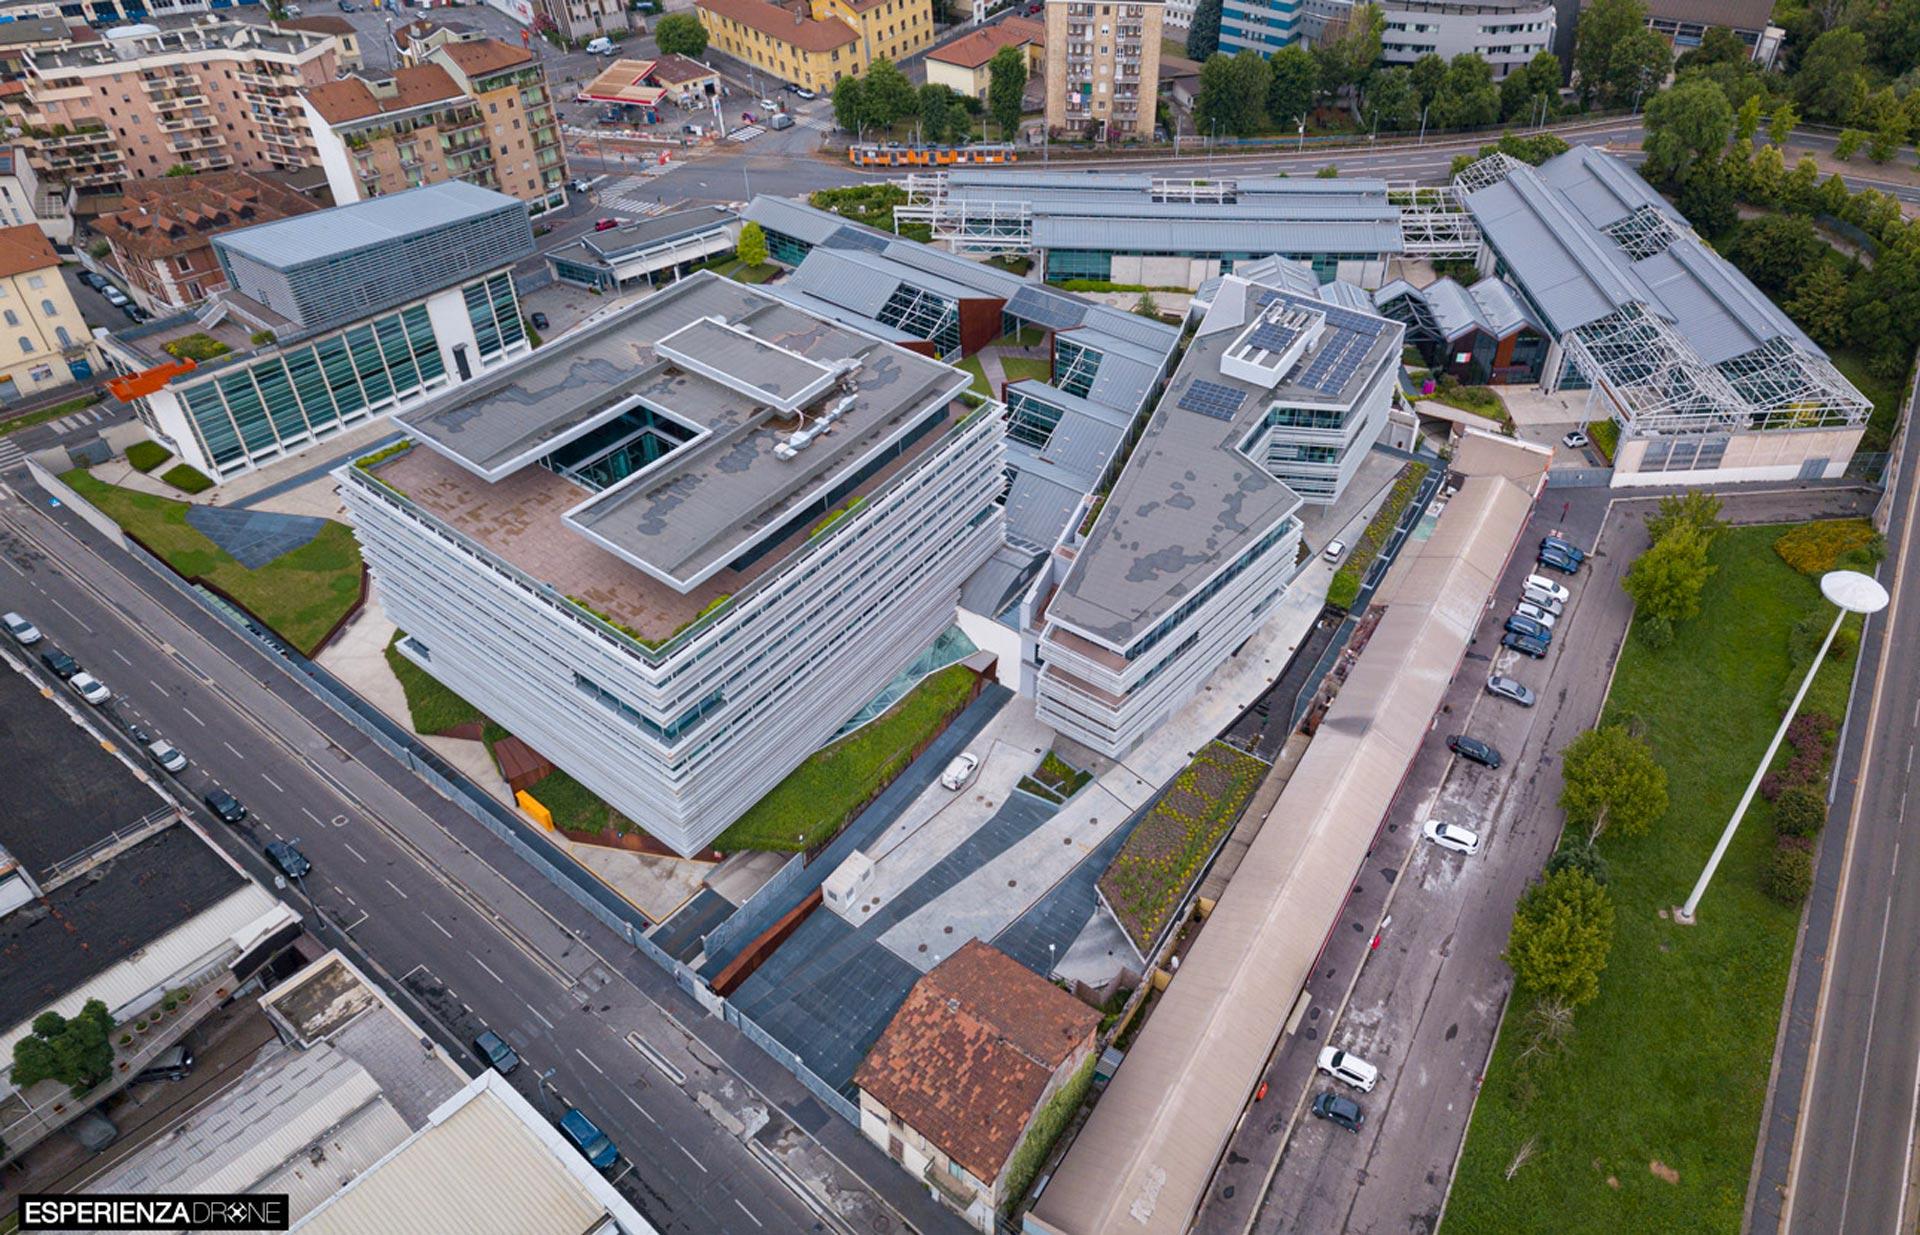 esperienza drone architettura fotografia aerea milano giuseppe tortato la forgiatura 01.jpg